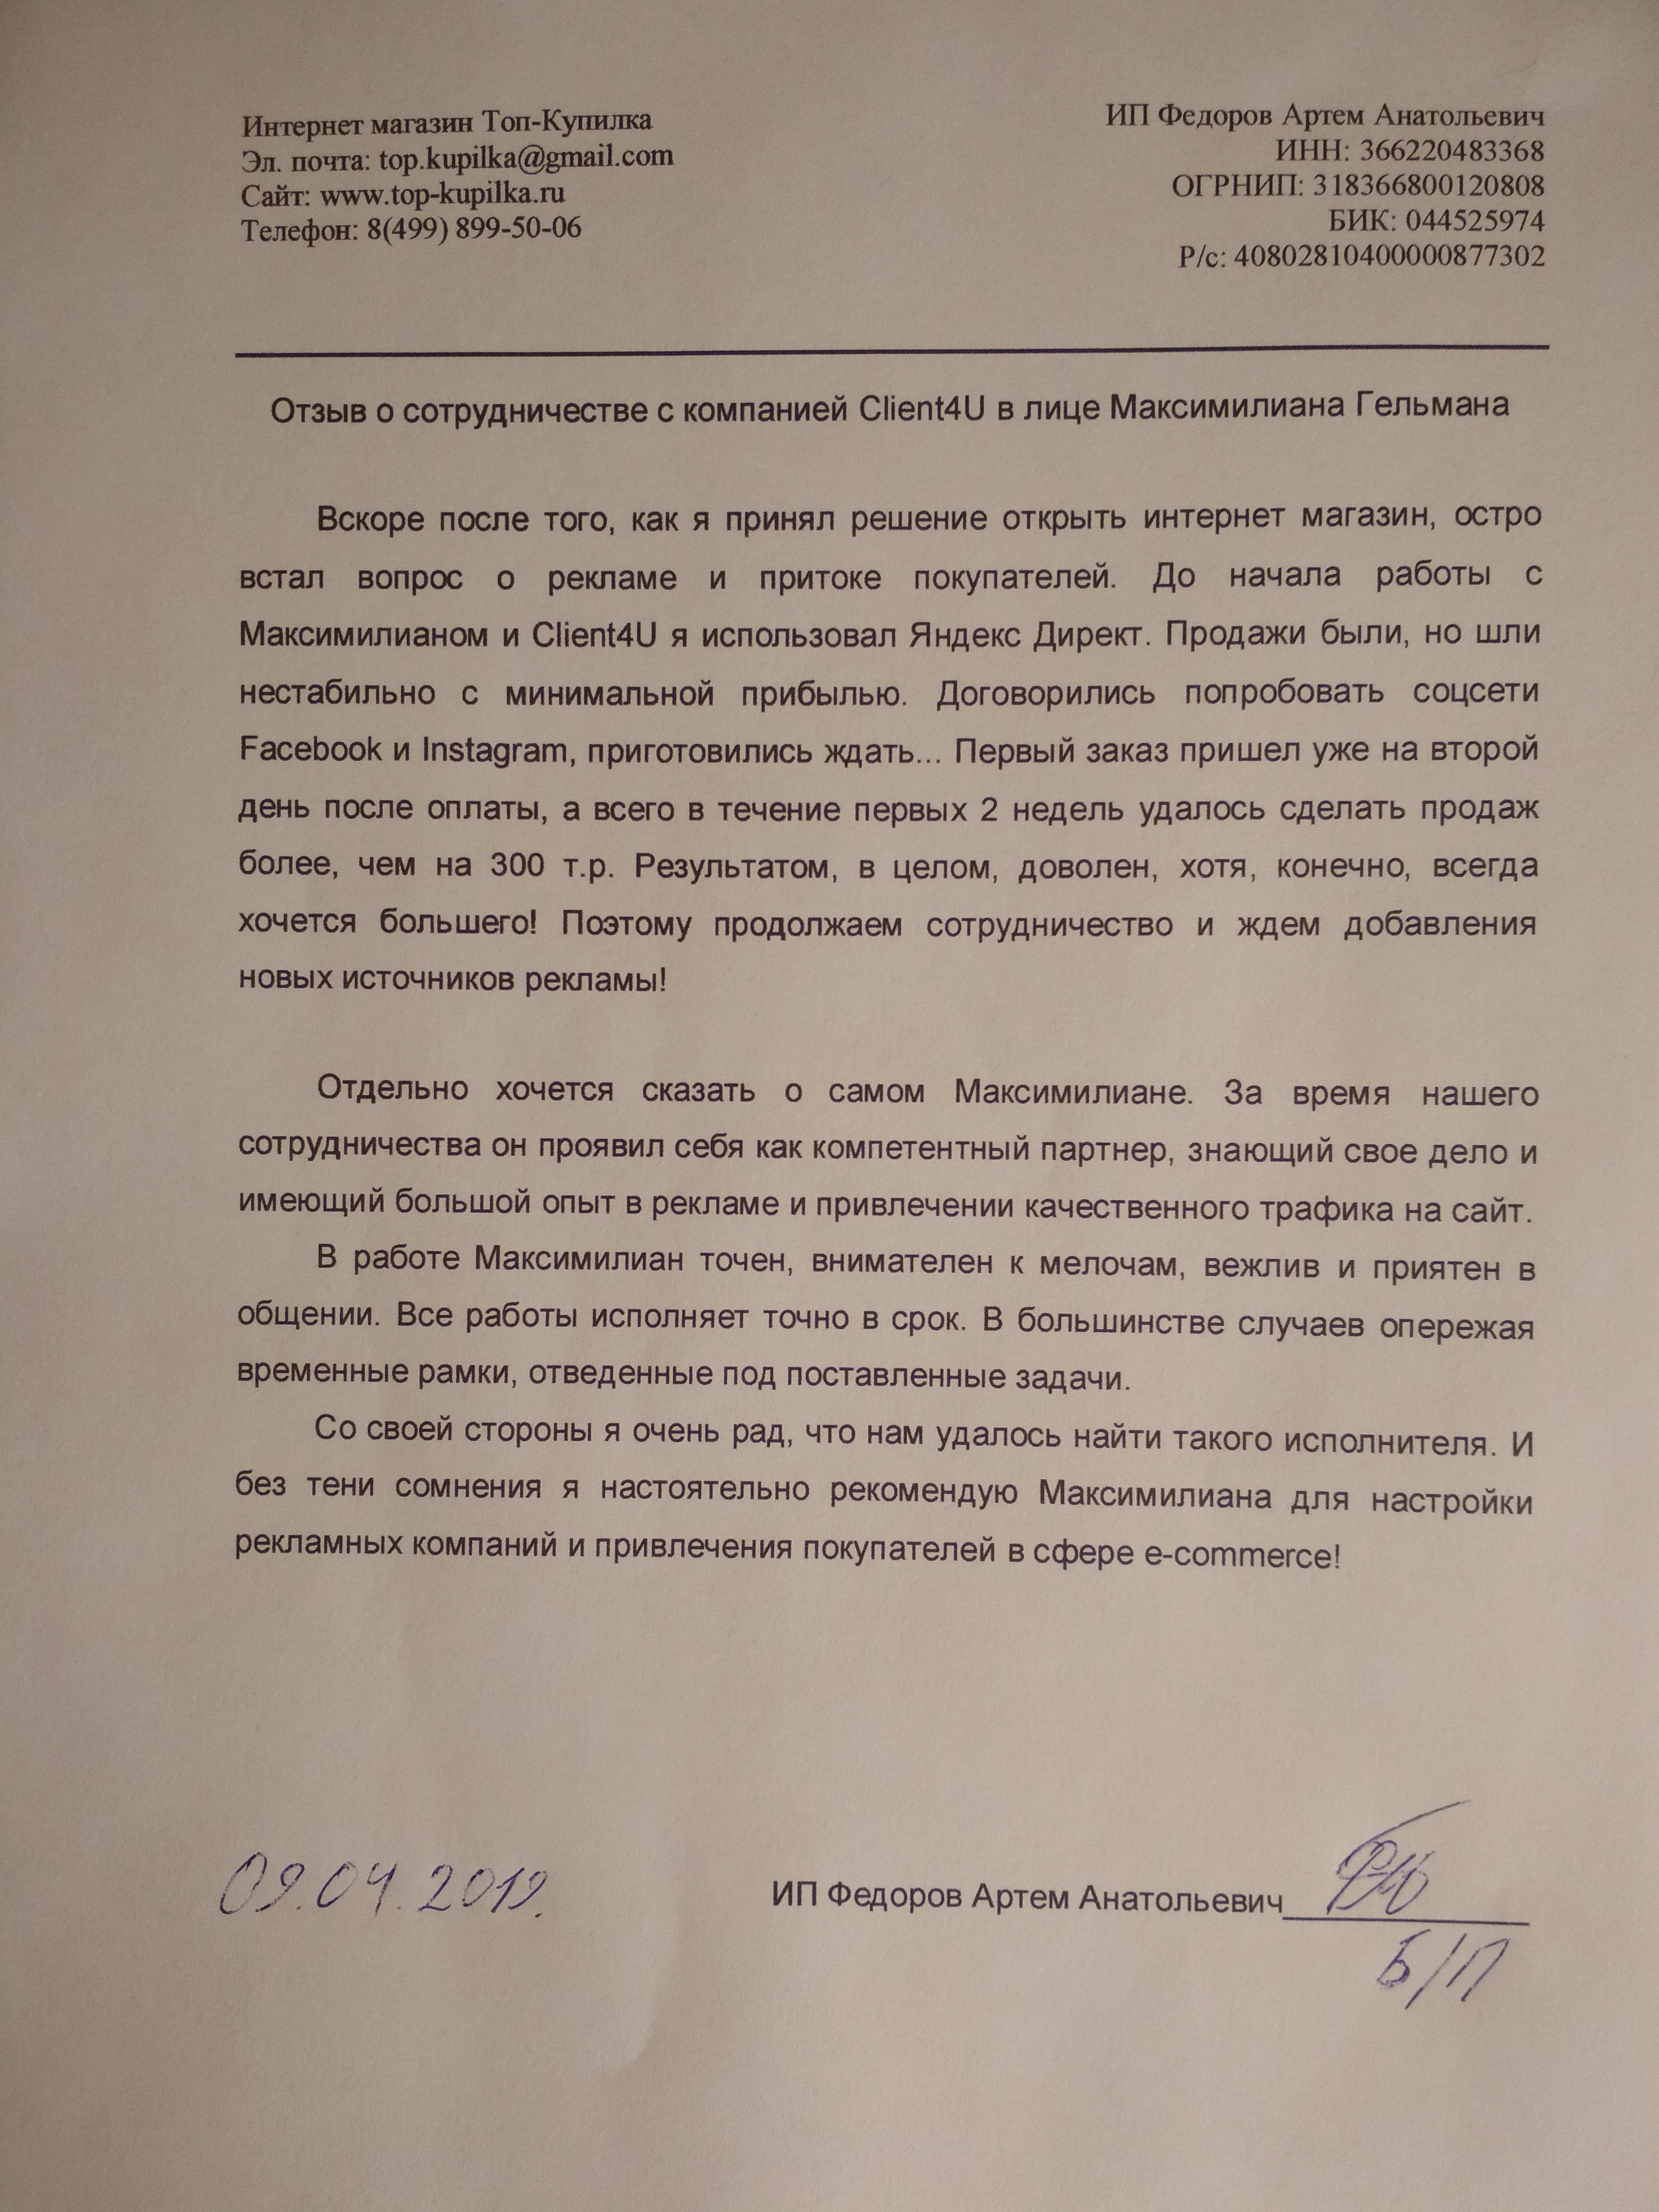 Отзыв от ИП Федоров А.А.